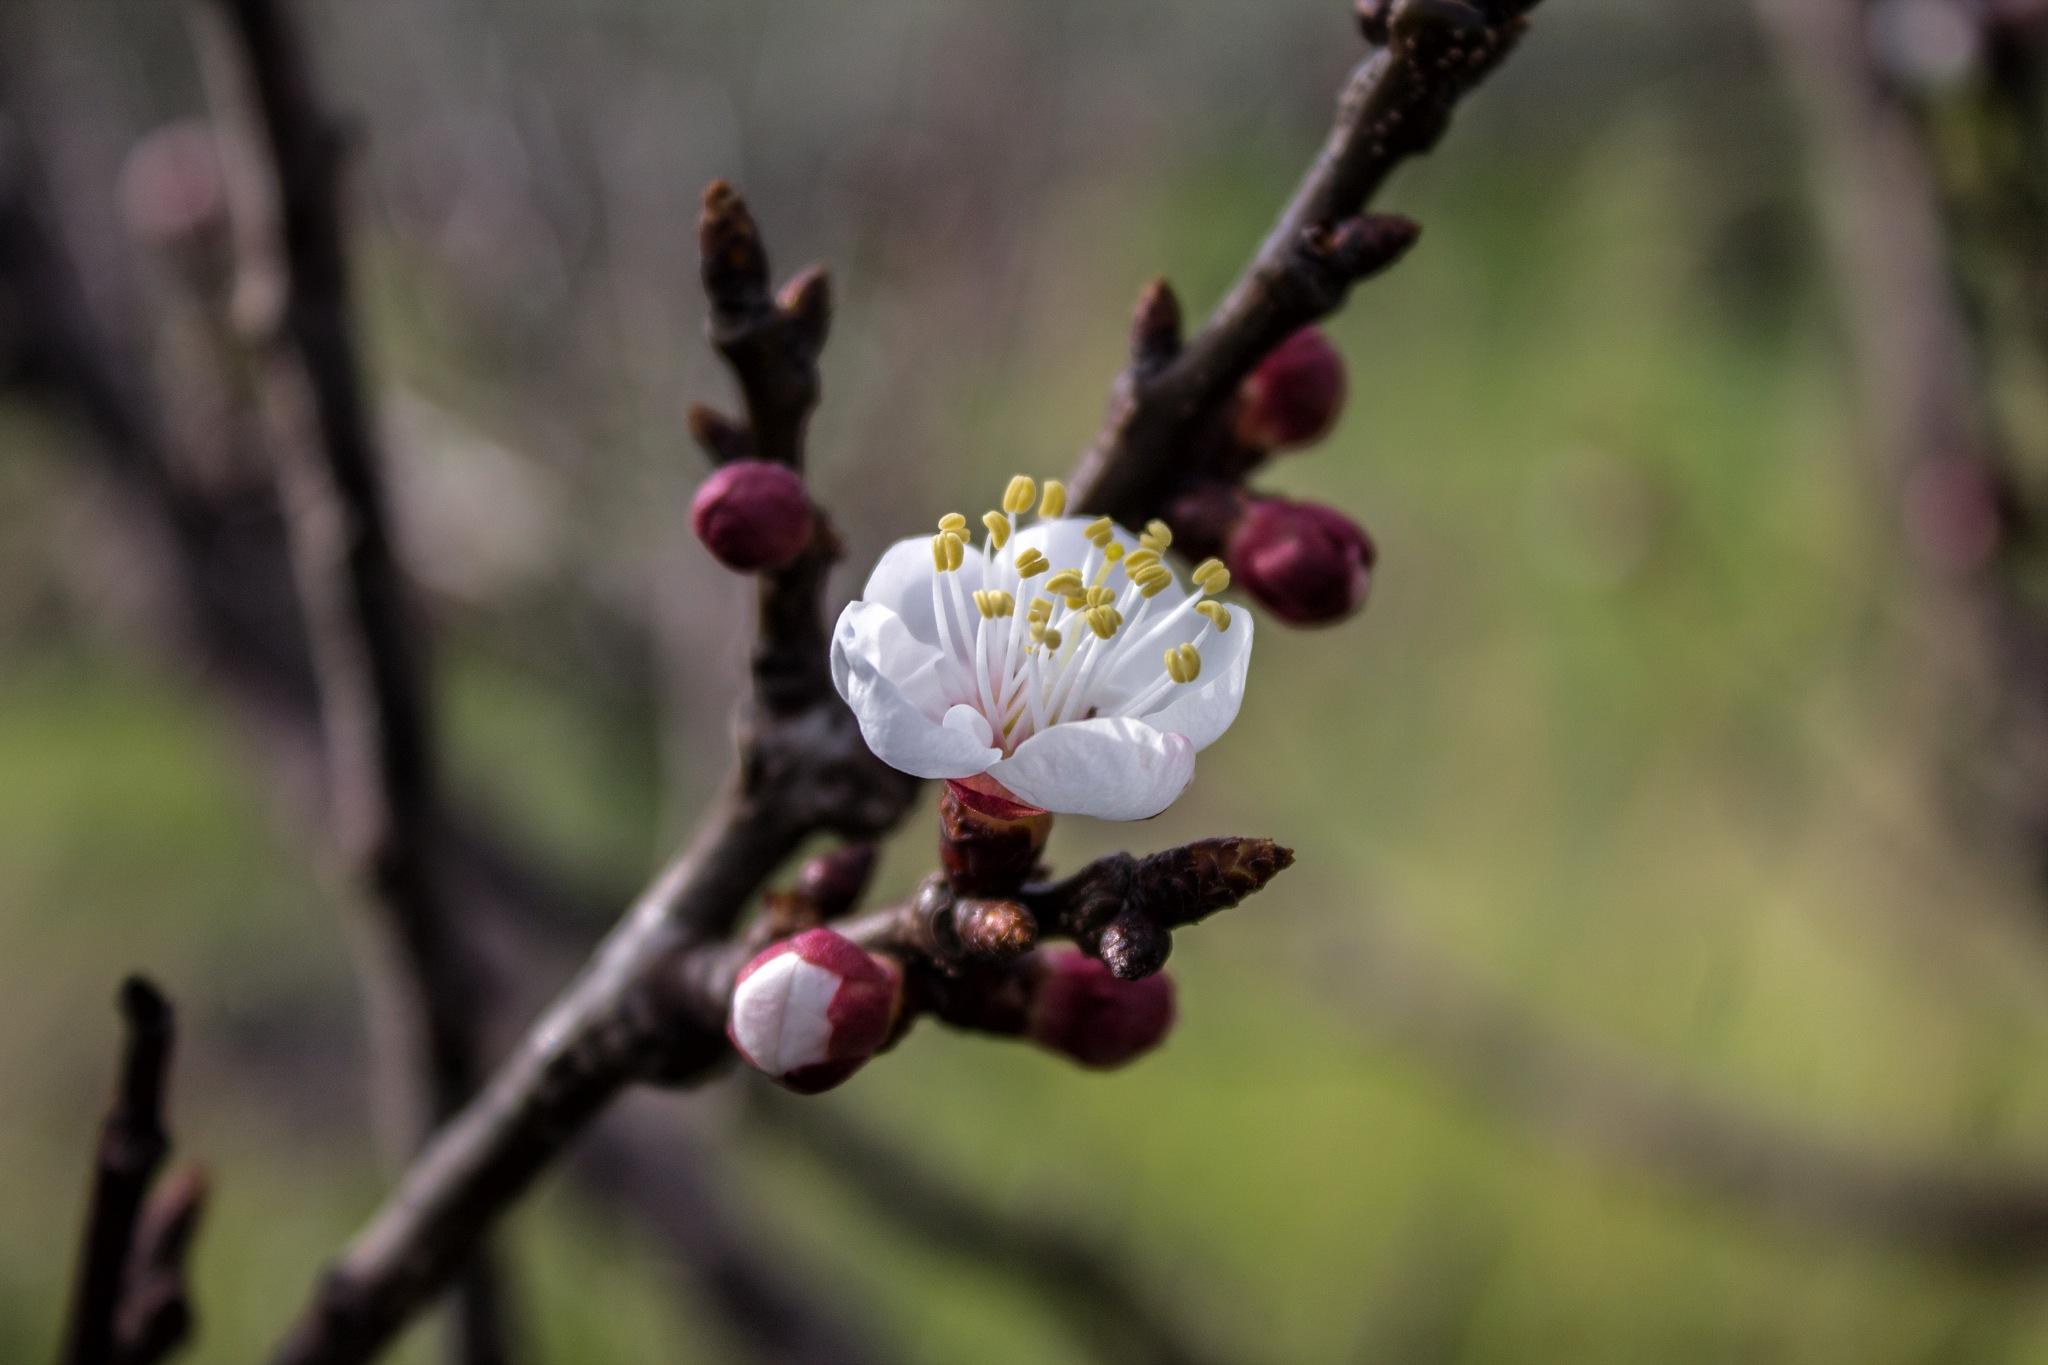 Primavera nell'aria... by Salvatore Bertolino